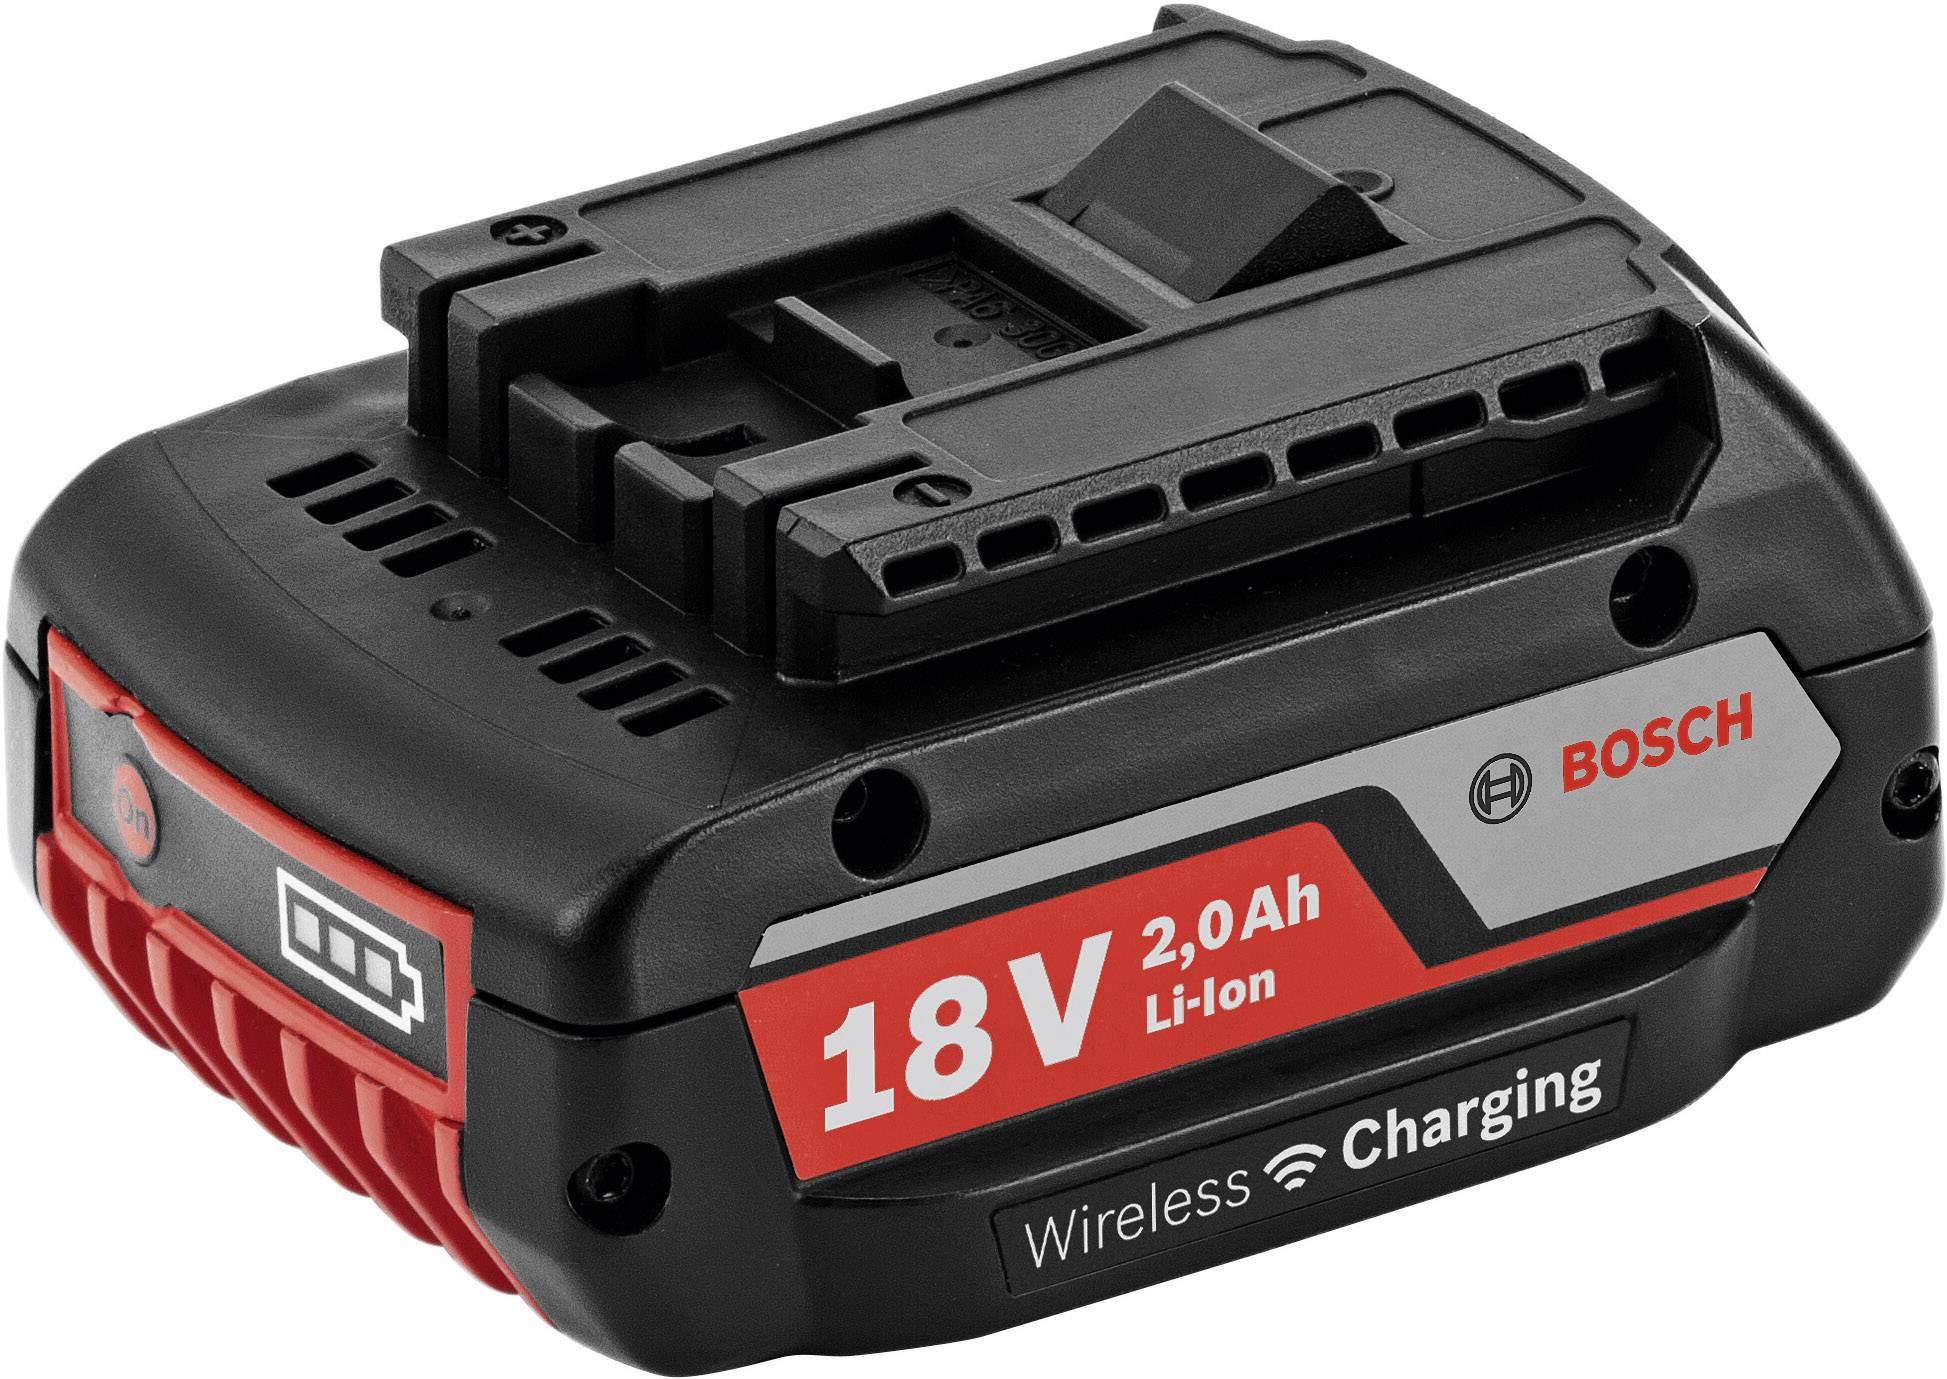 Náhradní akumulátor pro elektrické nářadí, Bosch Professional GBA 18V 1600A003NC, 18 V, 2 Ah, Li-Ion akumulátor